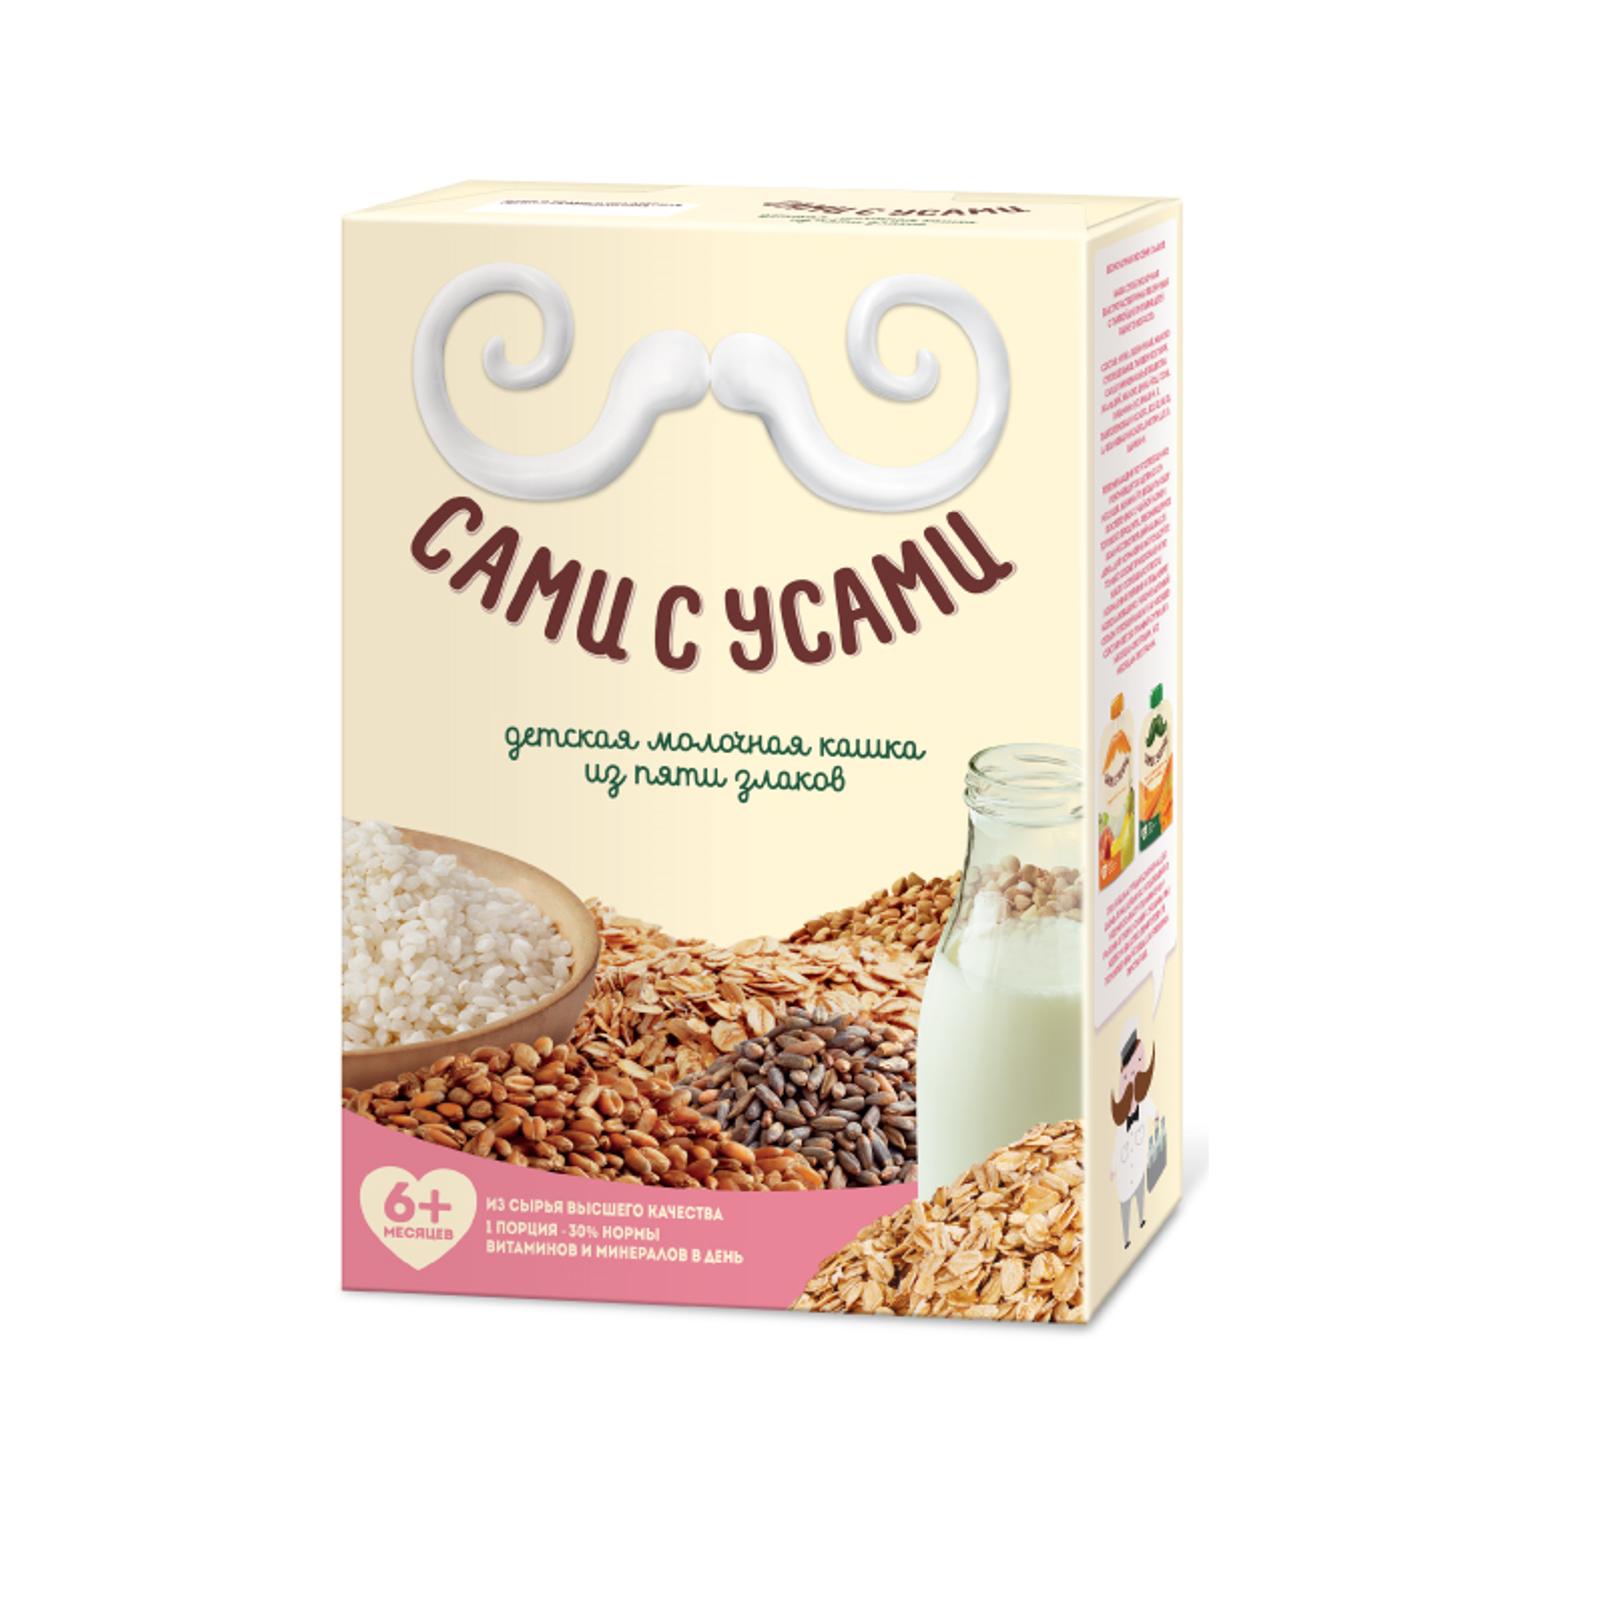 Каша Сами с усами молочная 200 гр 5 злаков (с 6 мес)